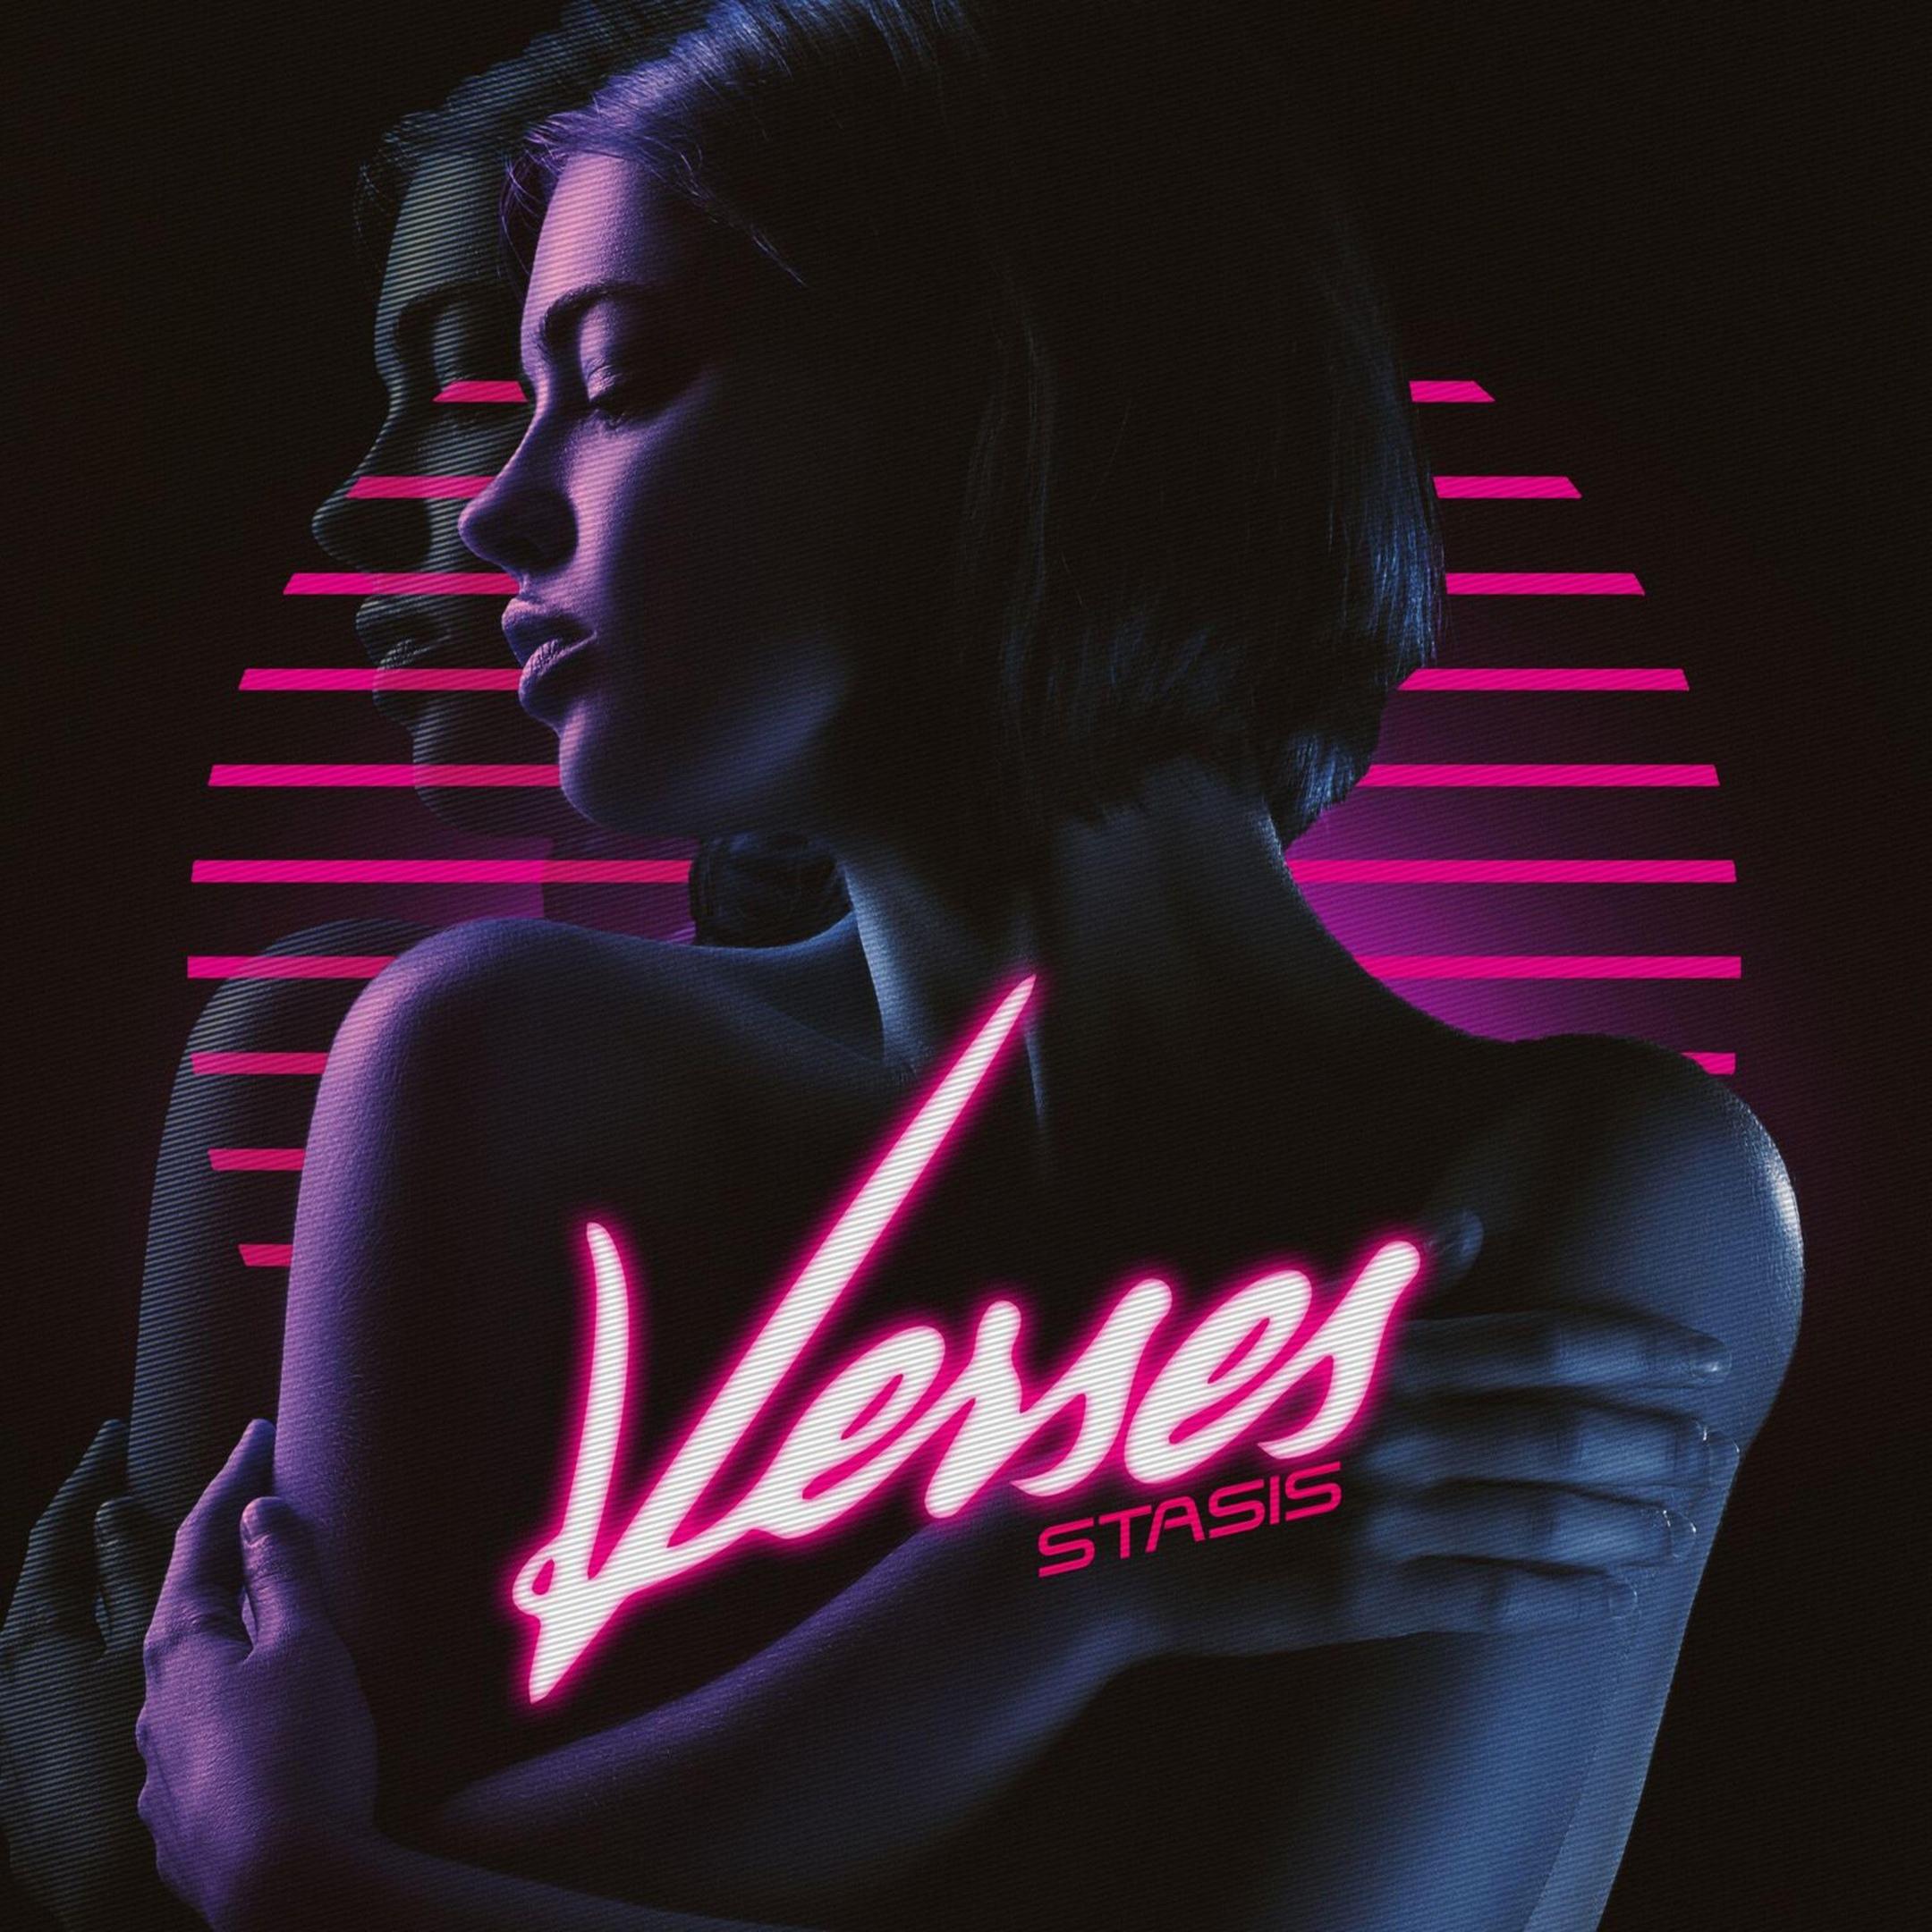 Verses - Stasis (2018)